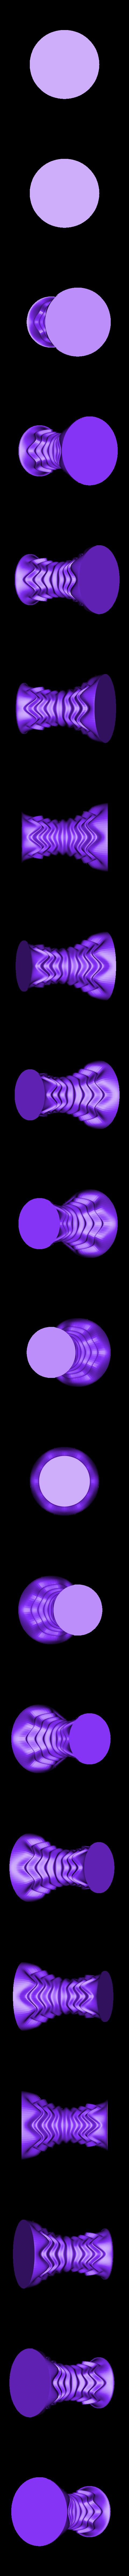 Form_Vase_5.STL Download STL file Form Vase 5 • 3D print model, David_Mussaffi